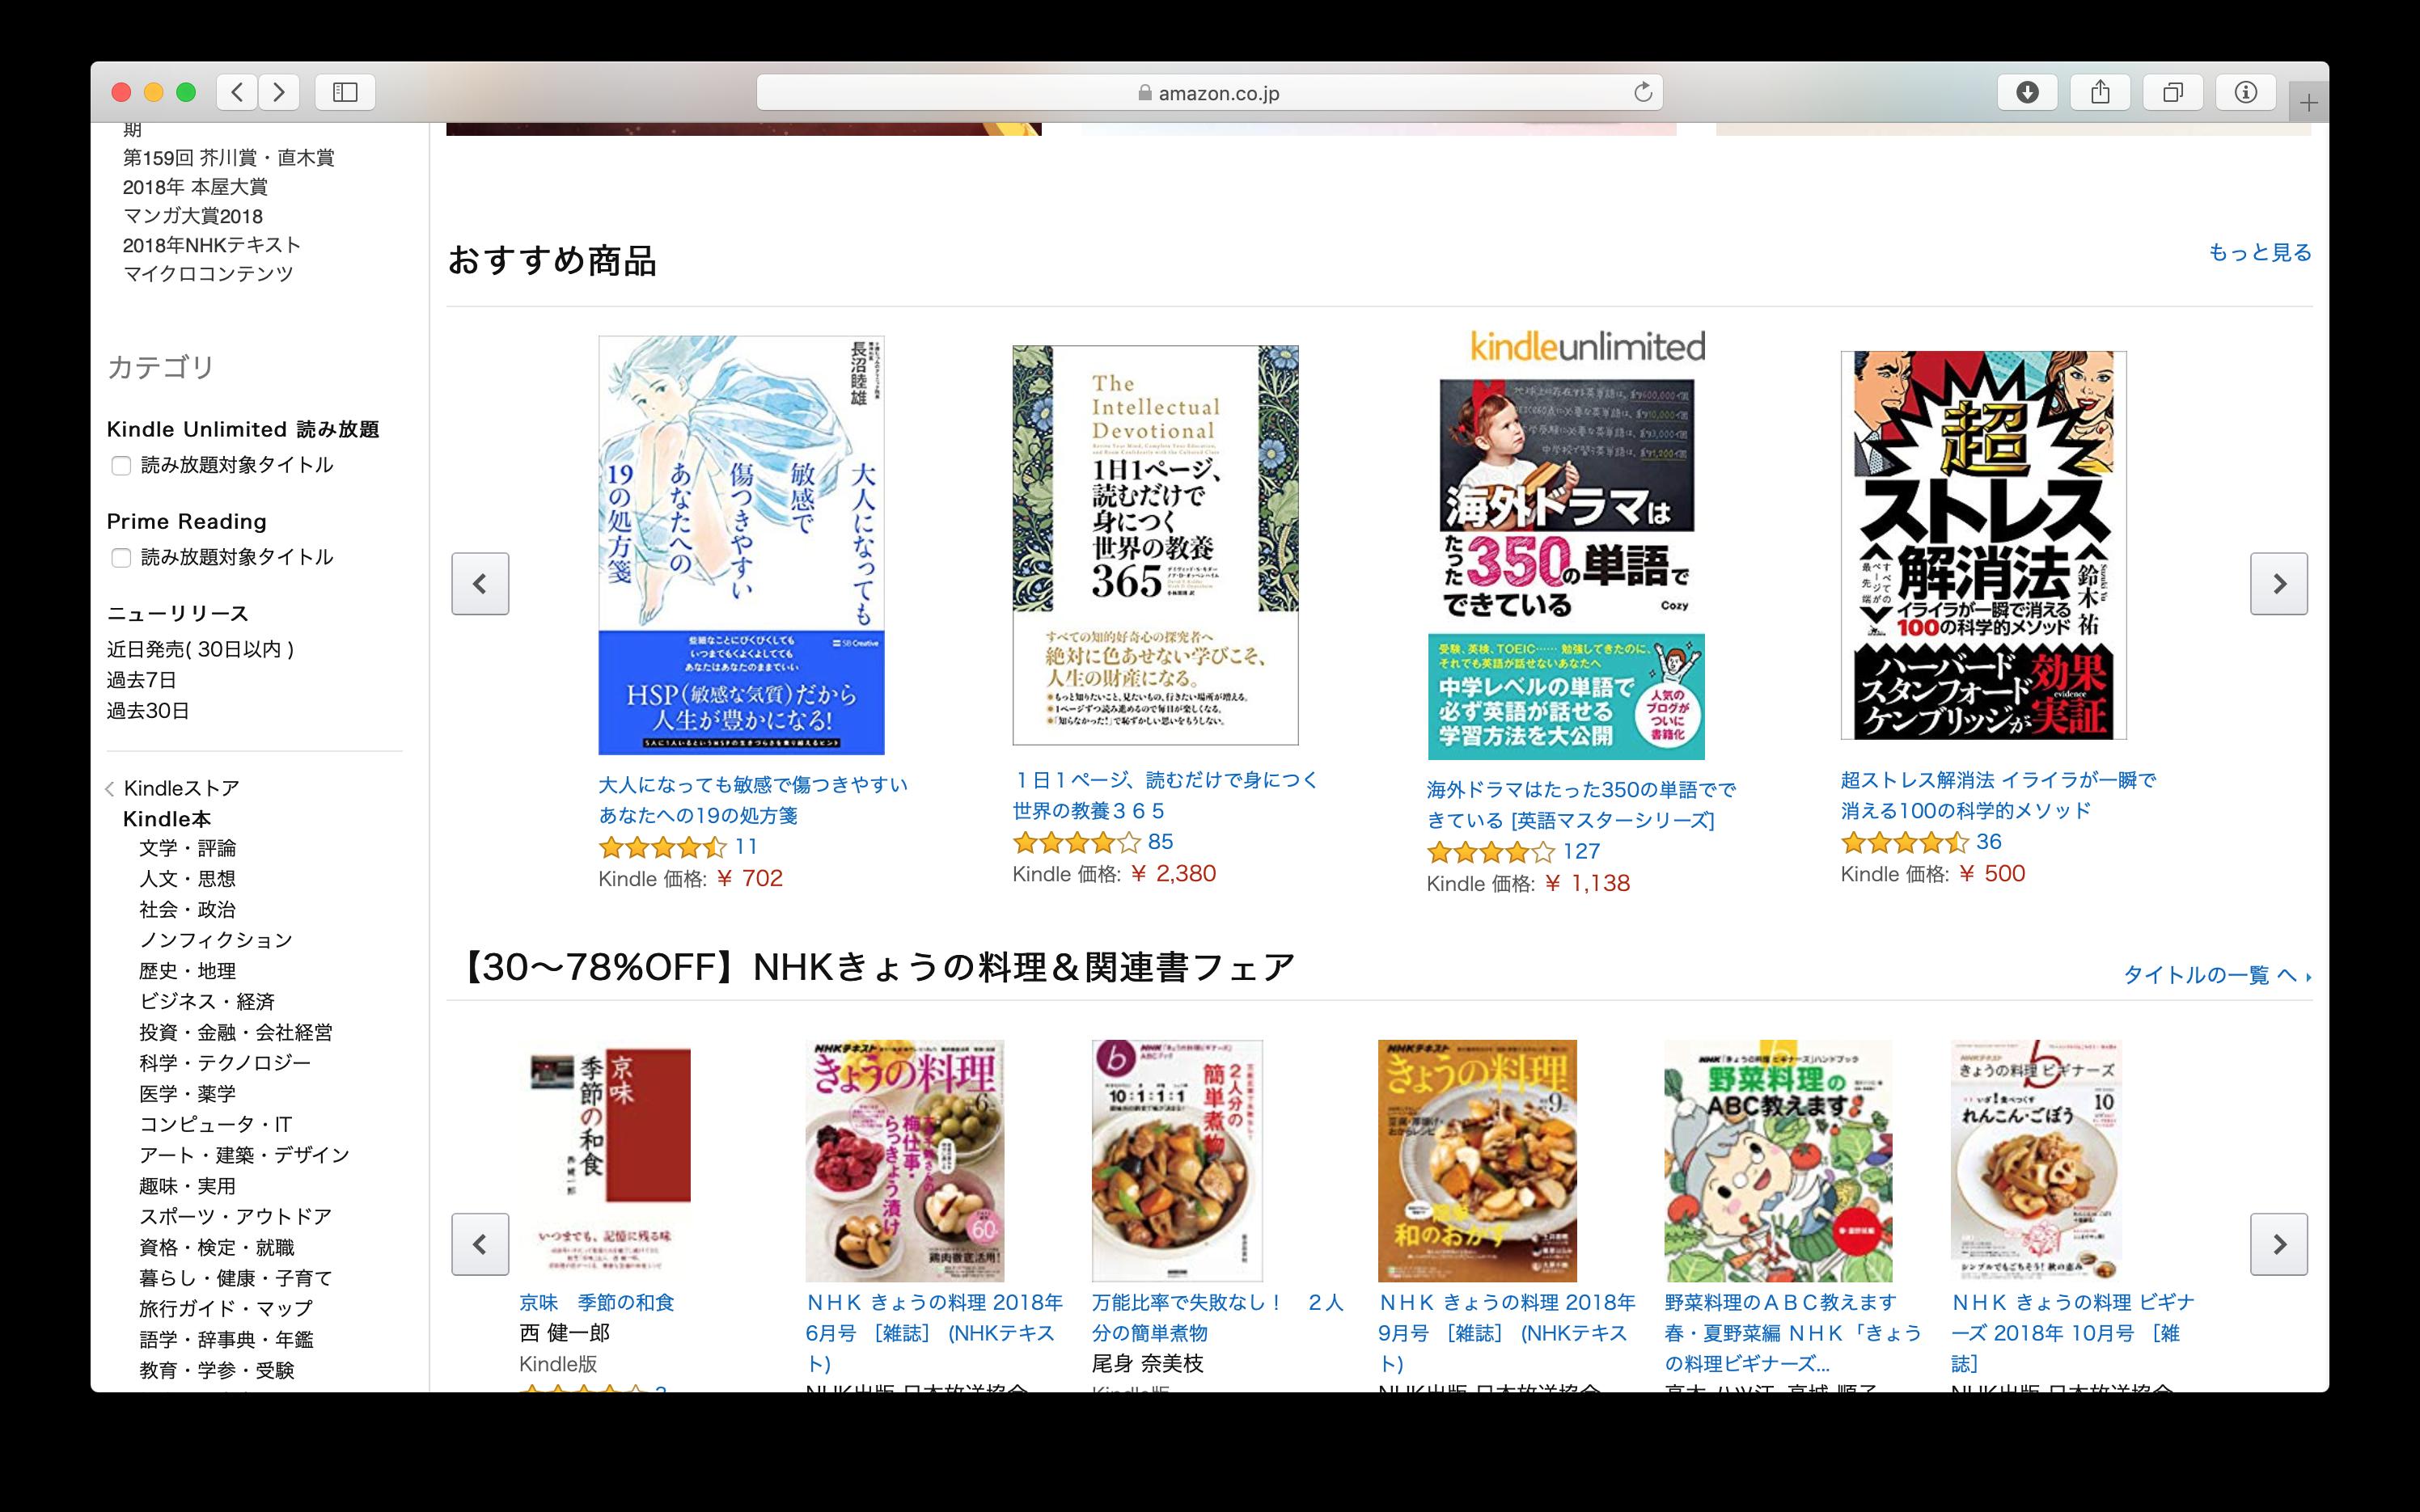 Mac版SafariでAmazon Kindle本ページで商品を買おうとしているところ